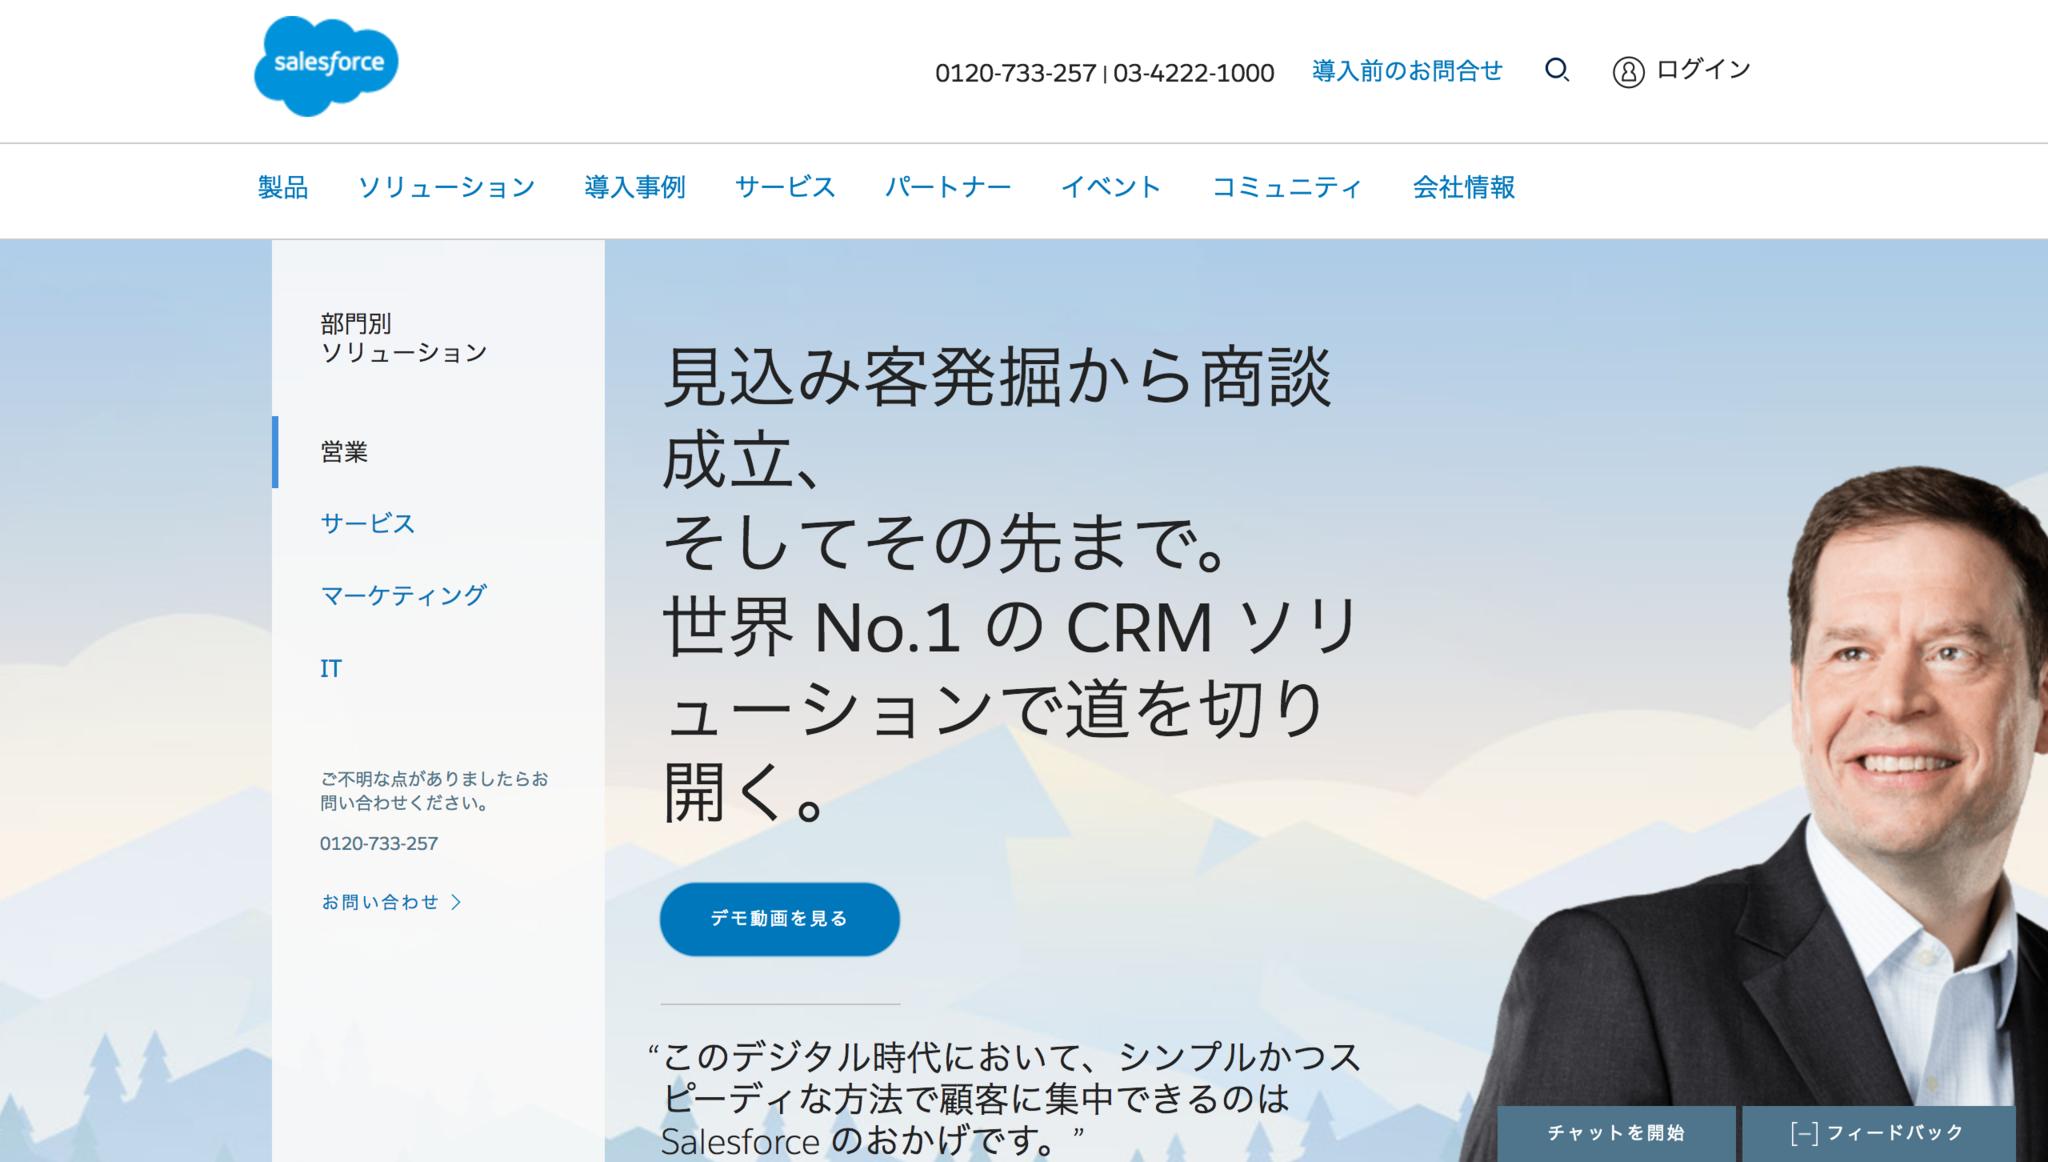 営業部門向け_Salesforce:_Salesforce_の統合販売ソリューション___Salesforce.com.png